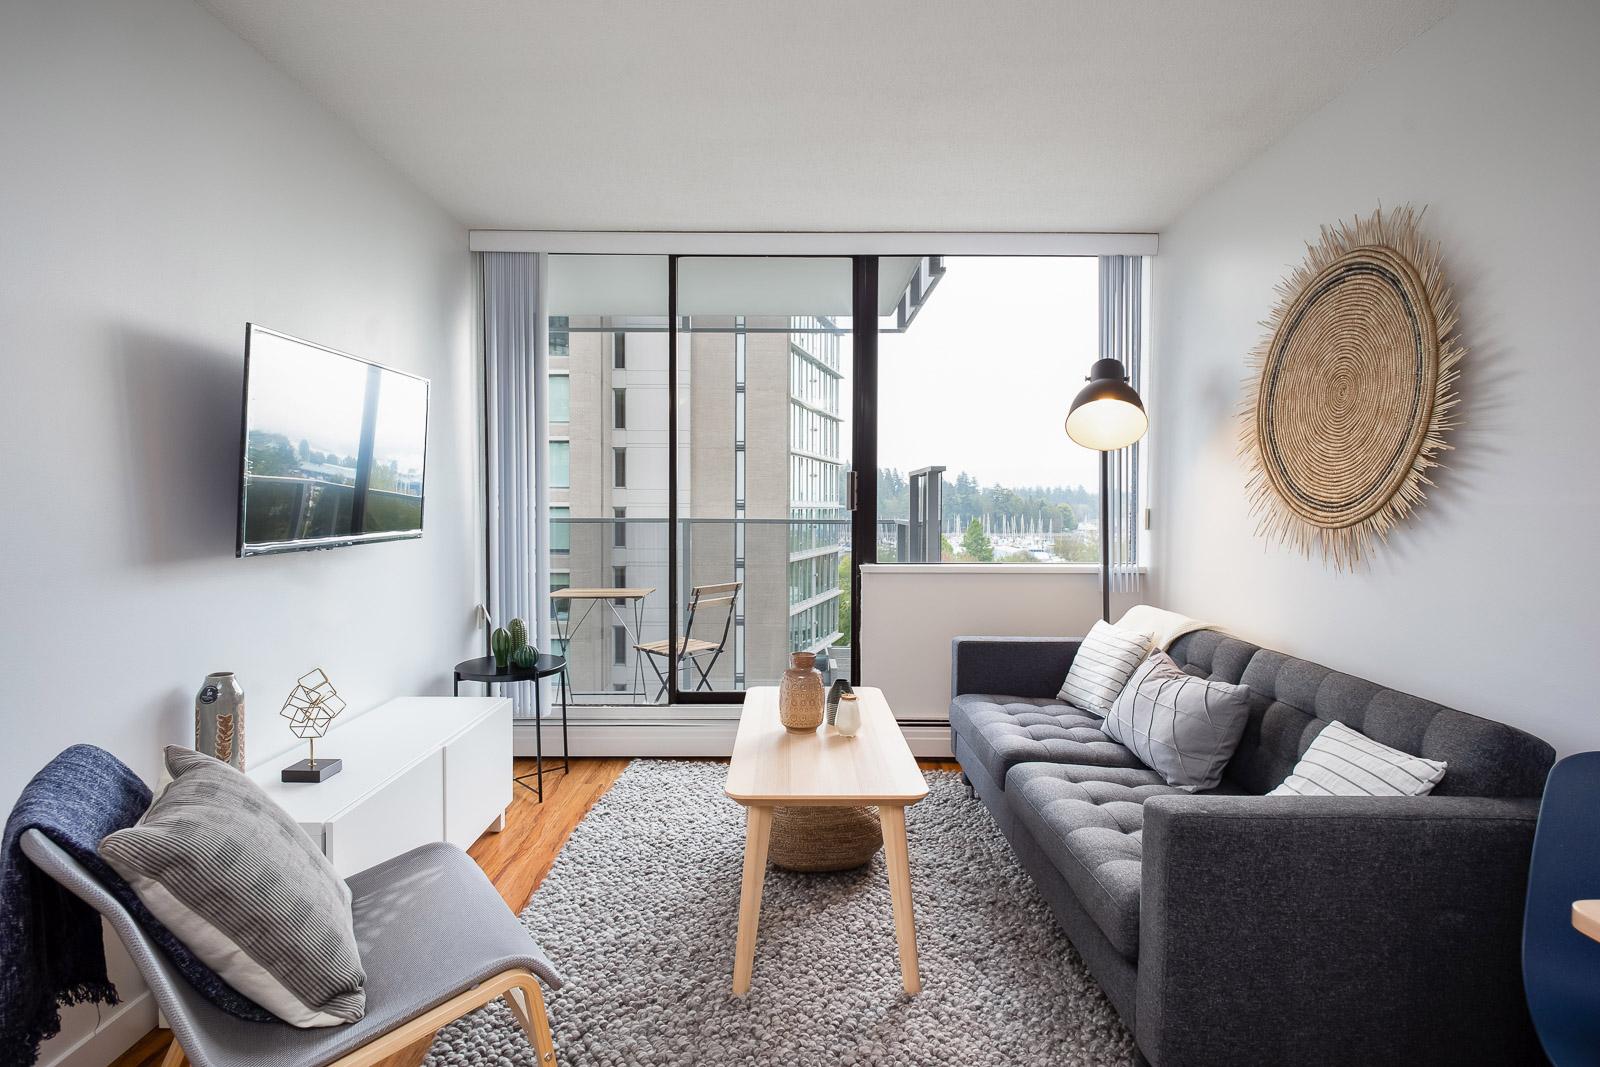 Hollyburn Harbourview 1Bedroom Furnished Rental living room 2 604